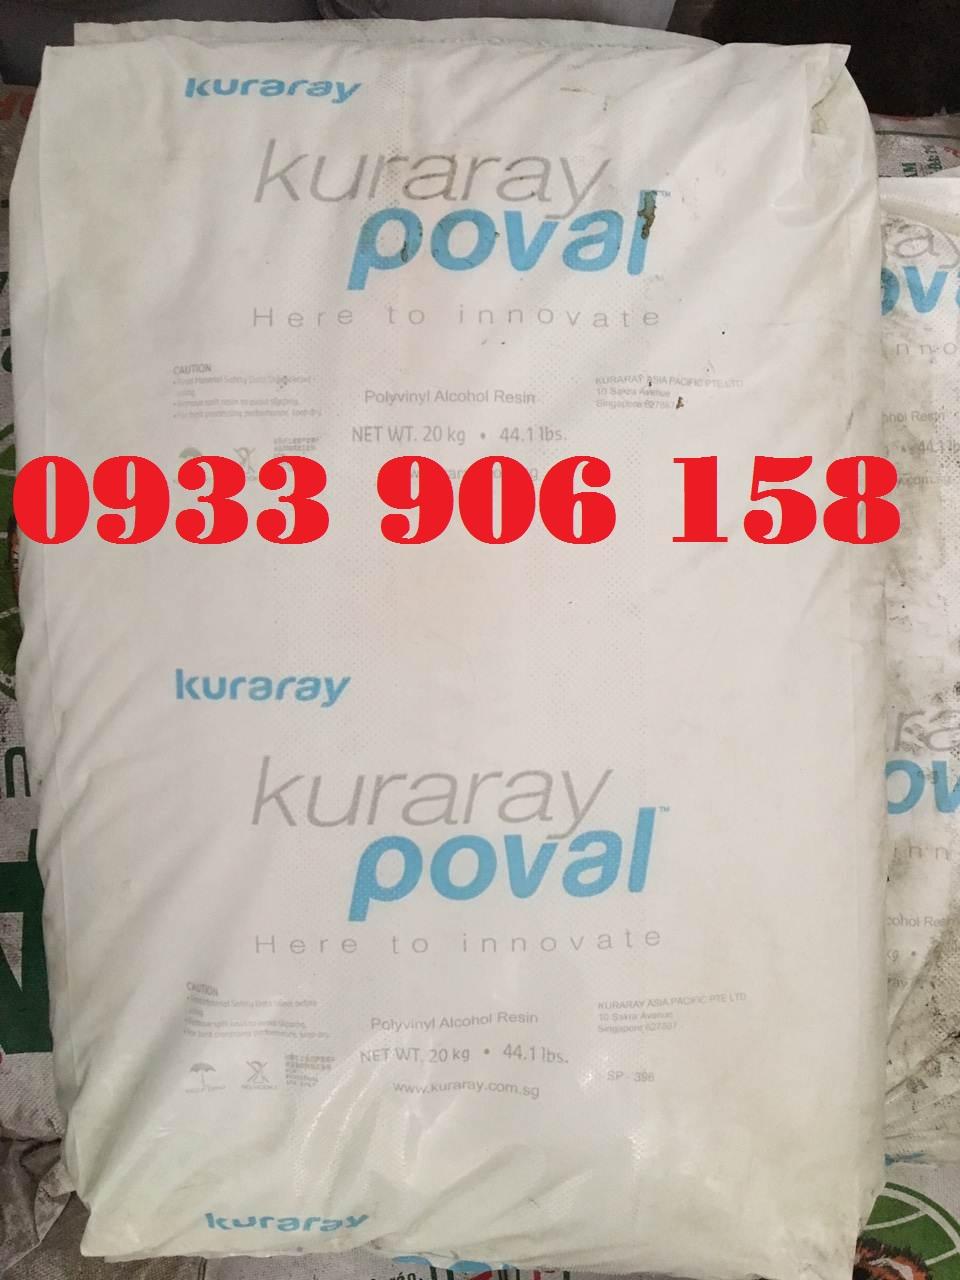 Tìm mua hóa chất PVA-Bán poly vinyl alcohol tại đồng Nai-Bán kuraray poval tại đồng nai-bán PVA giá rẻ tại đồng nai